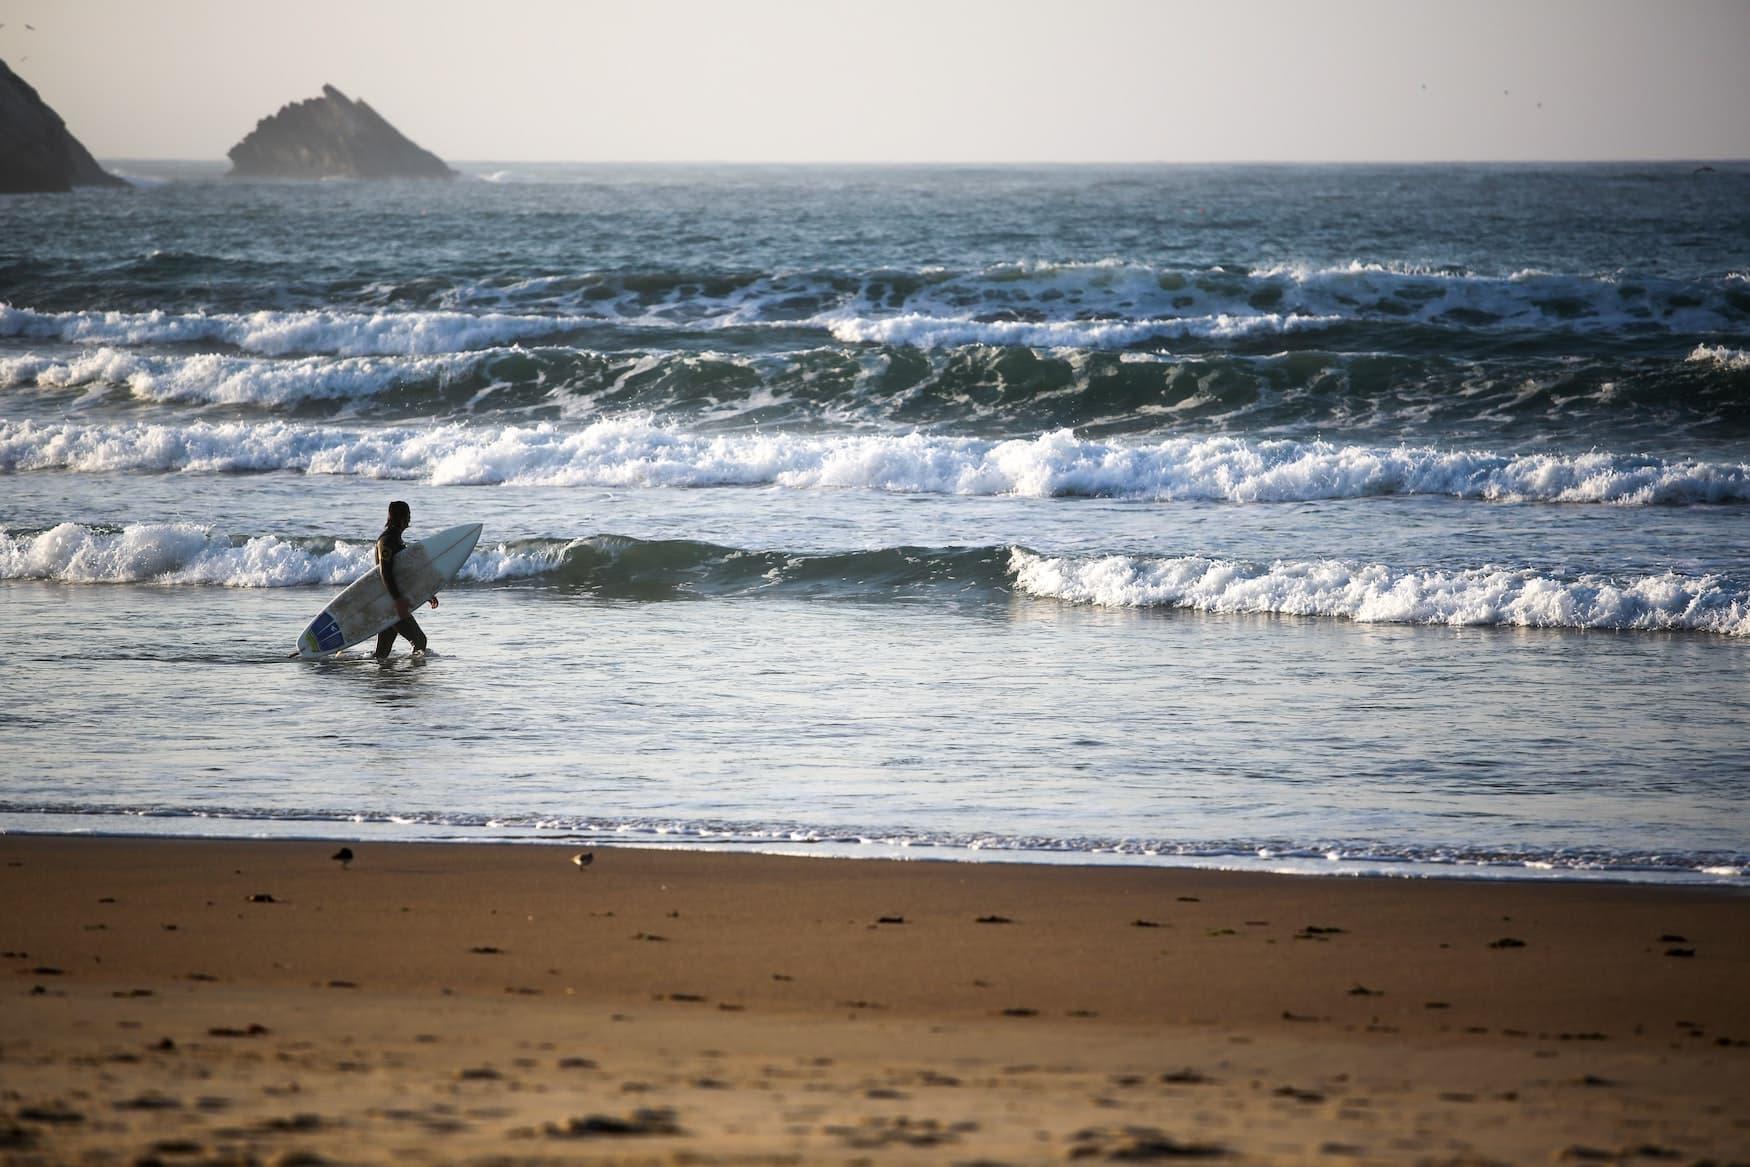 Surfer im Surfurlaub am Strand von Peniche in Portugal